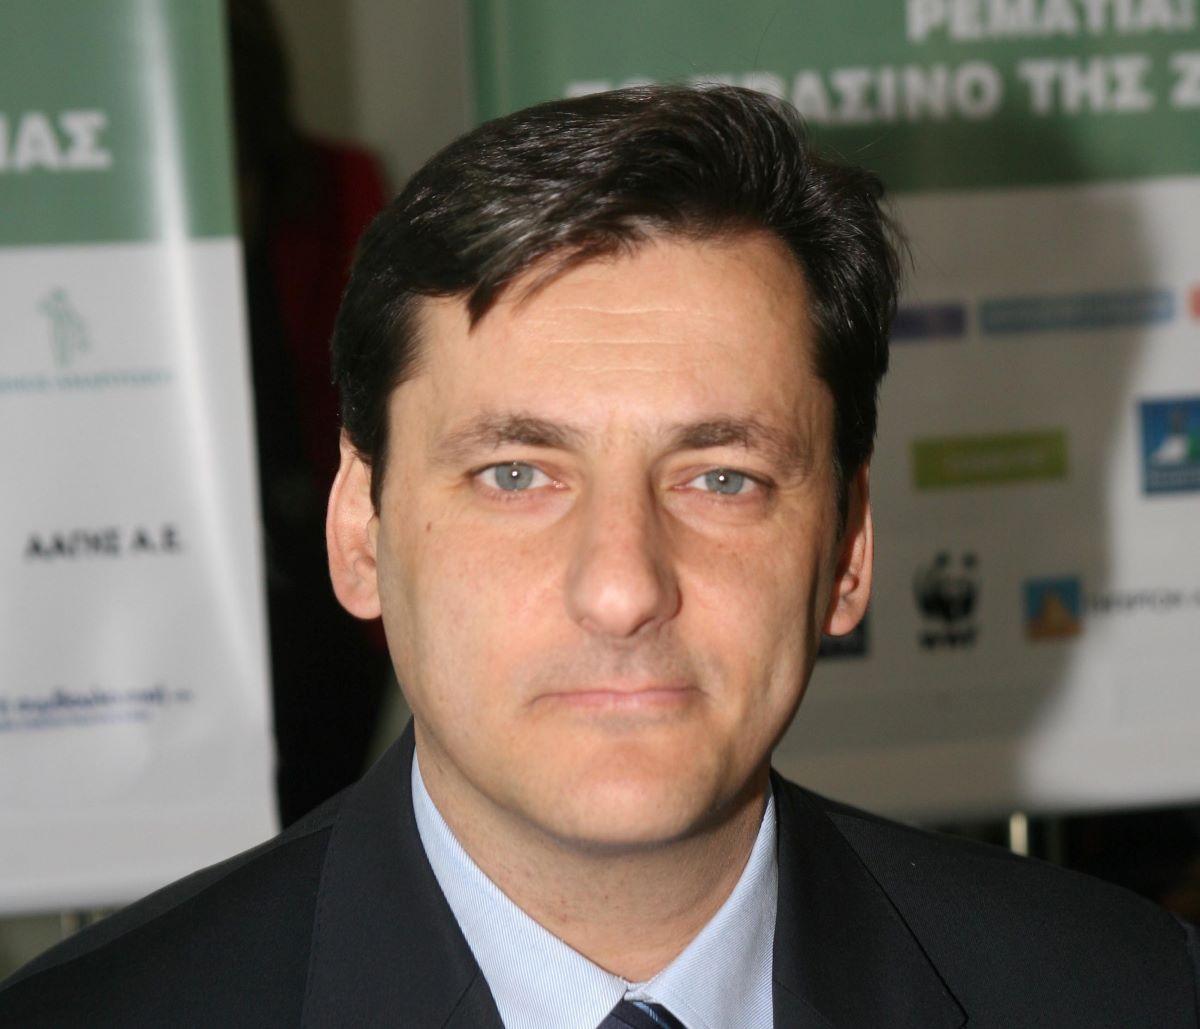 Ρόδος: Το δικηγορικό γραφείο Ζαφειρόπουλου αναλαμβάνει την υποστήριξη του νέου διεθνούς διαγωνισμού για την αποκομιδή απορριμμάτων